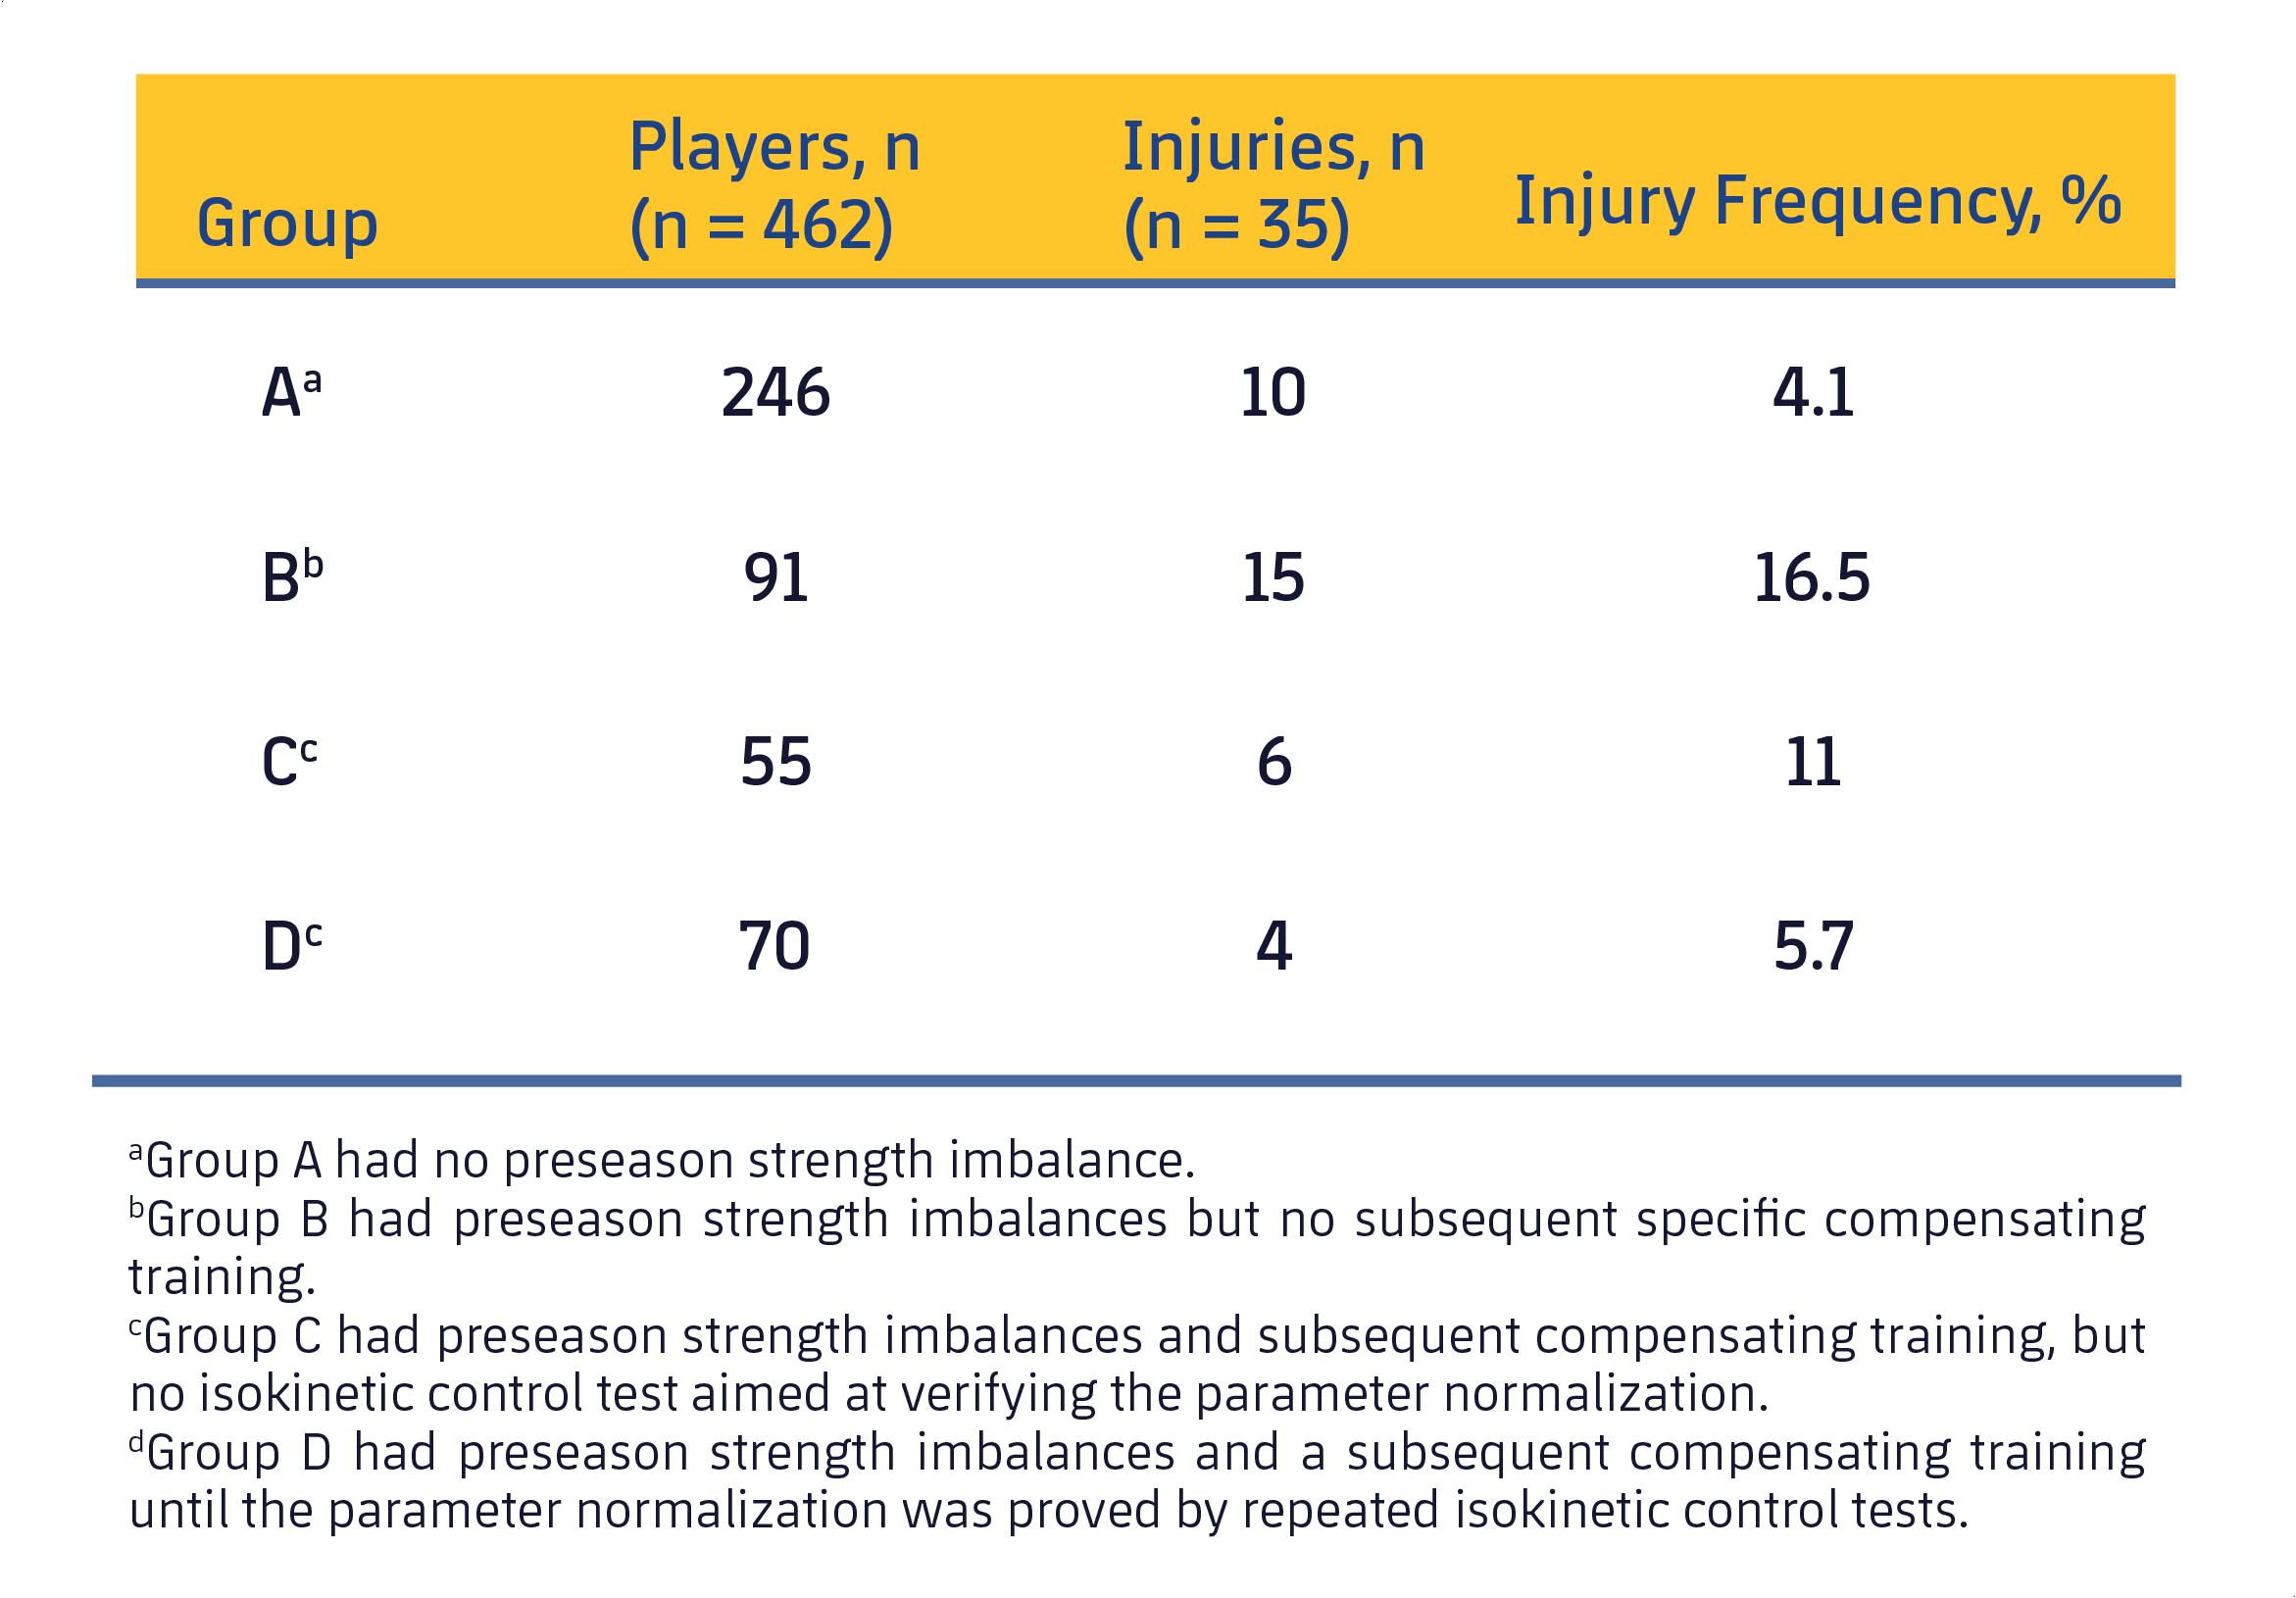 Tabla 2. Frecuencia de lesiones de los músculos isquiosurales en los 4 grupos (Croisier et al., 2008).